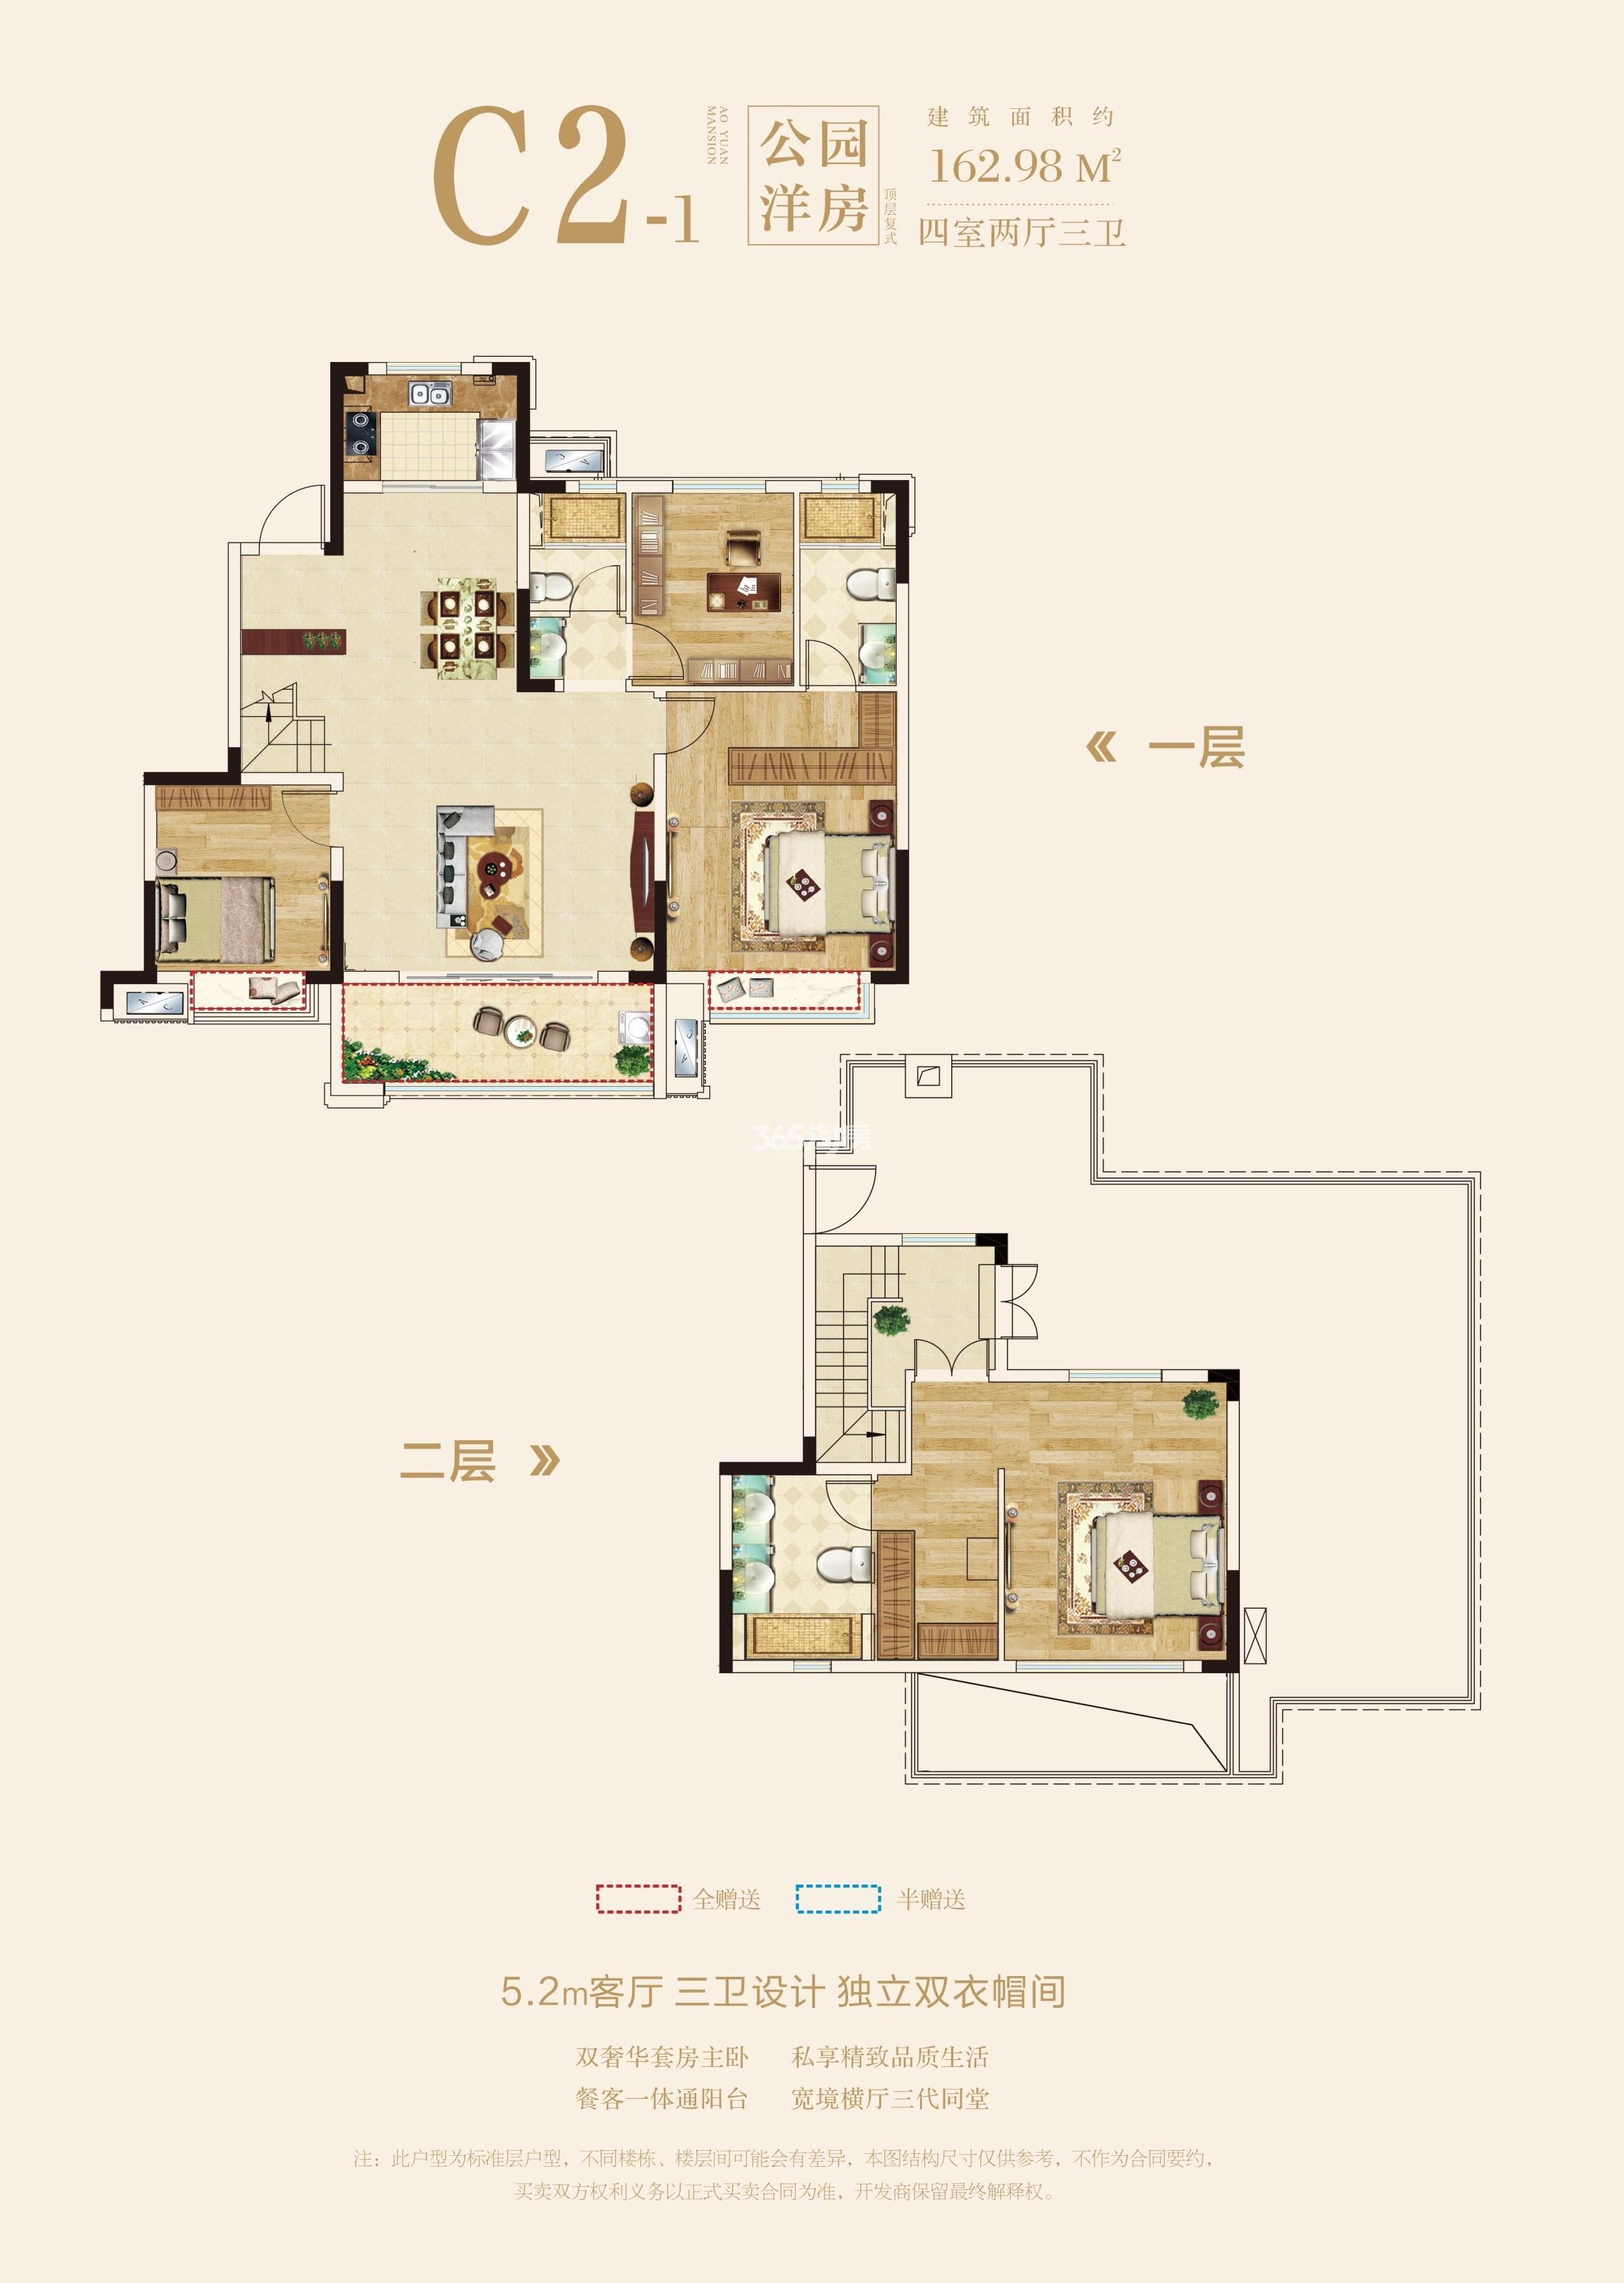 奥园誉府 洋房户型图C2-1 四室两厅三卫 162㎡